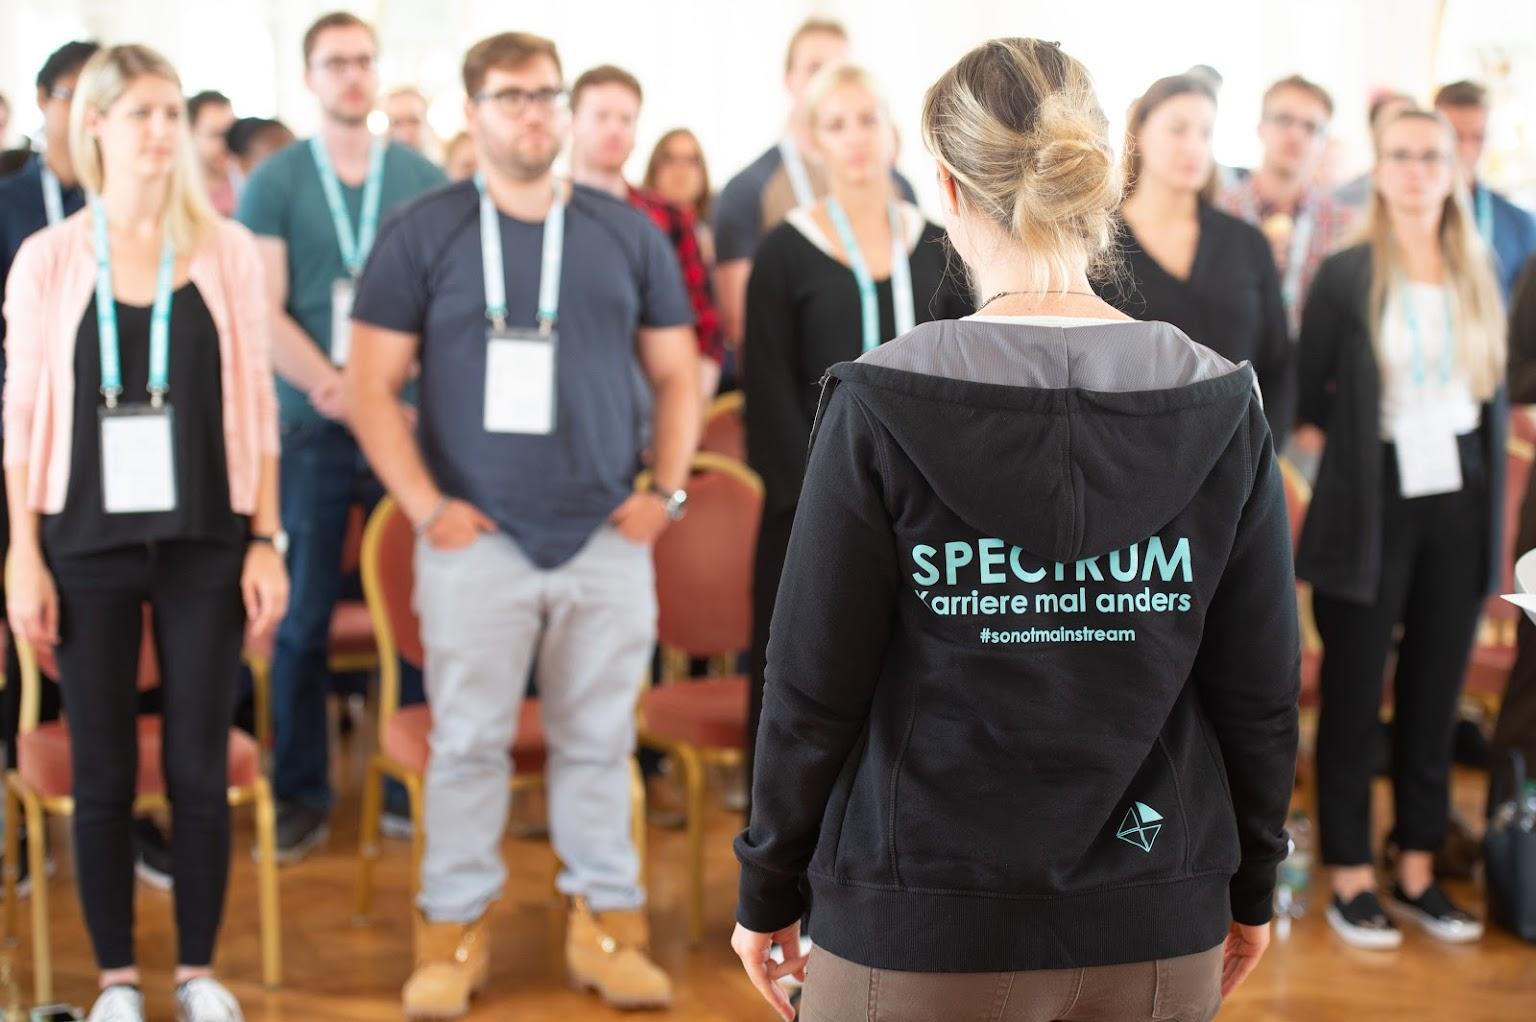 Spectrum-2